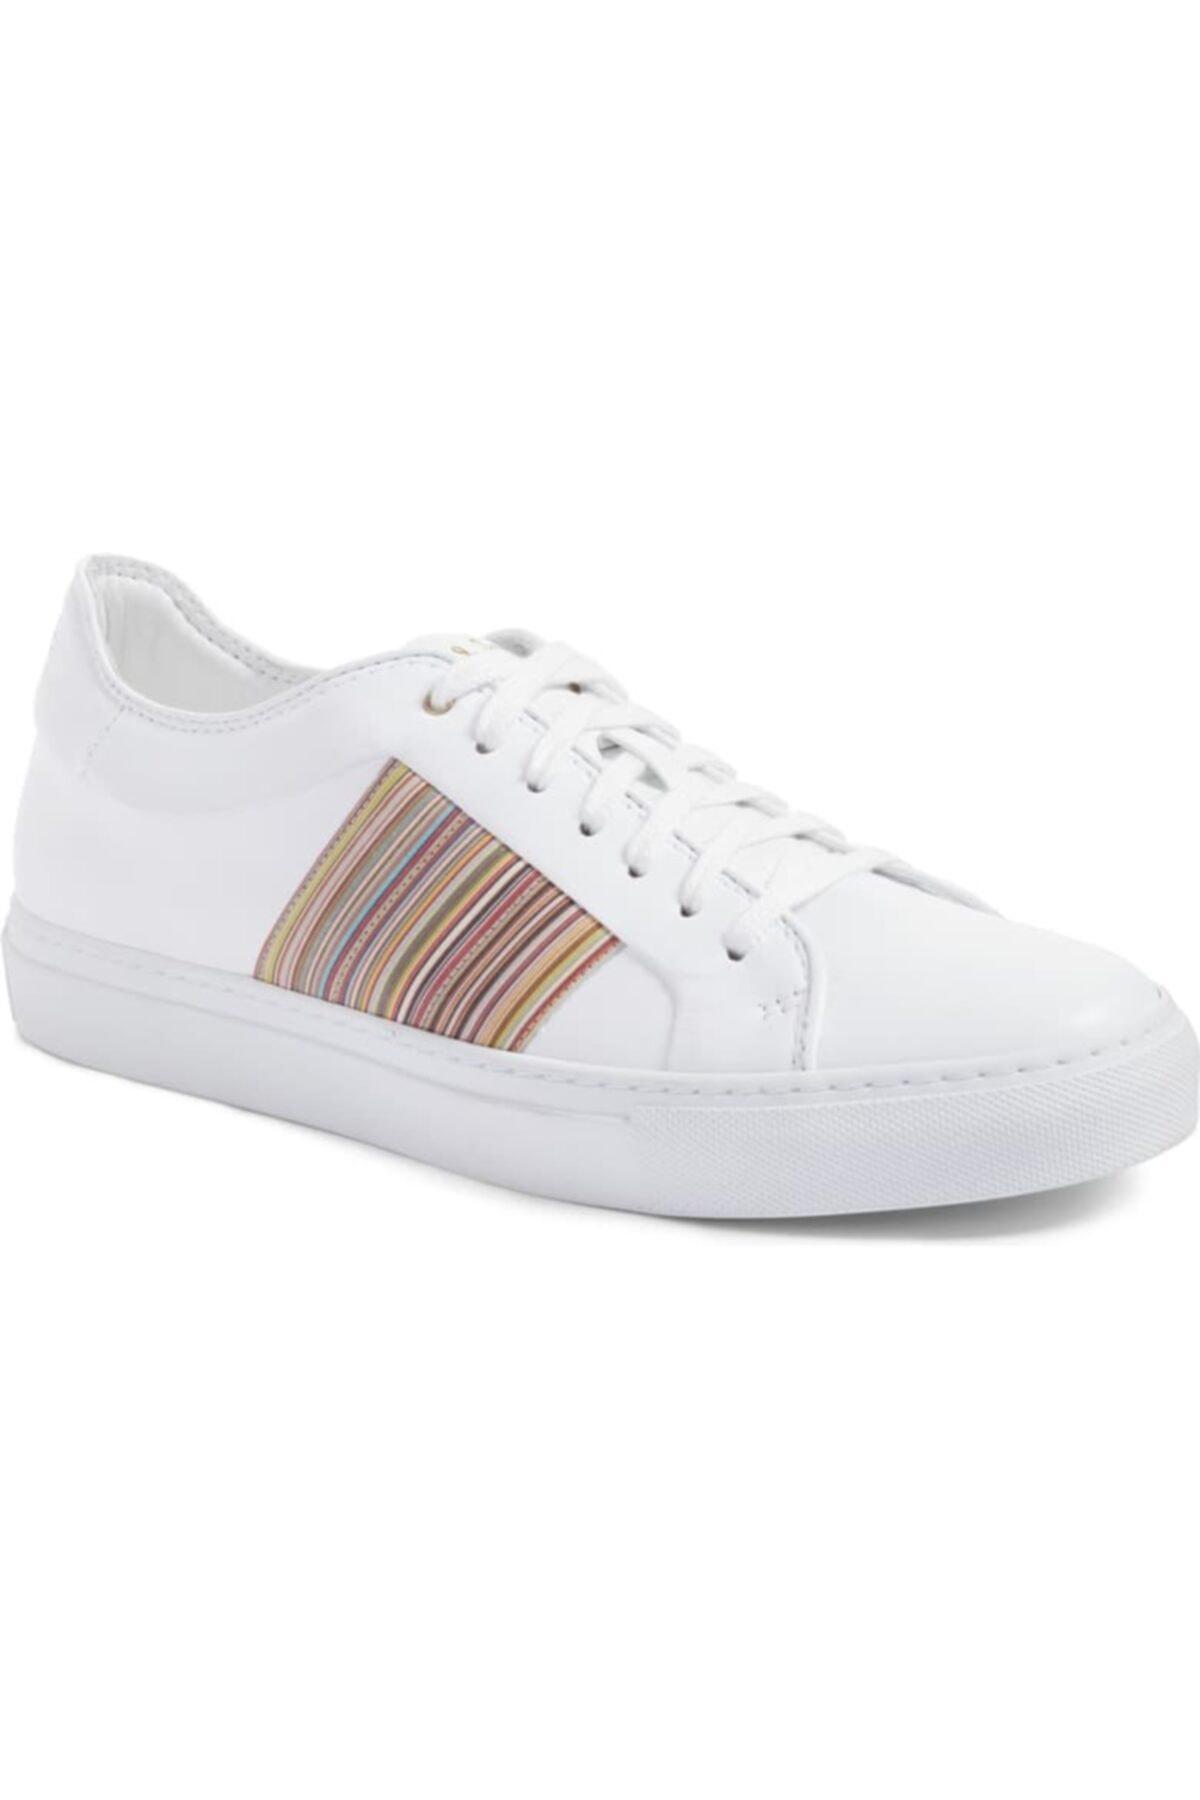 Paul Smith Erkek Beyaz Sneaker 1